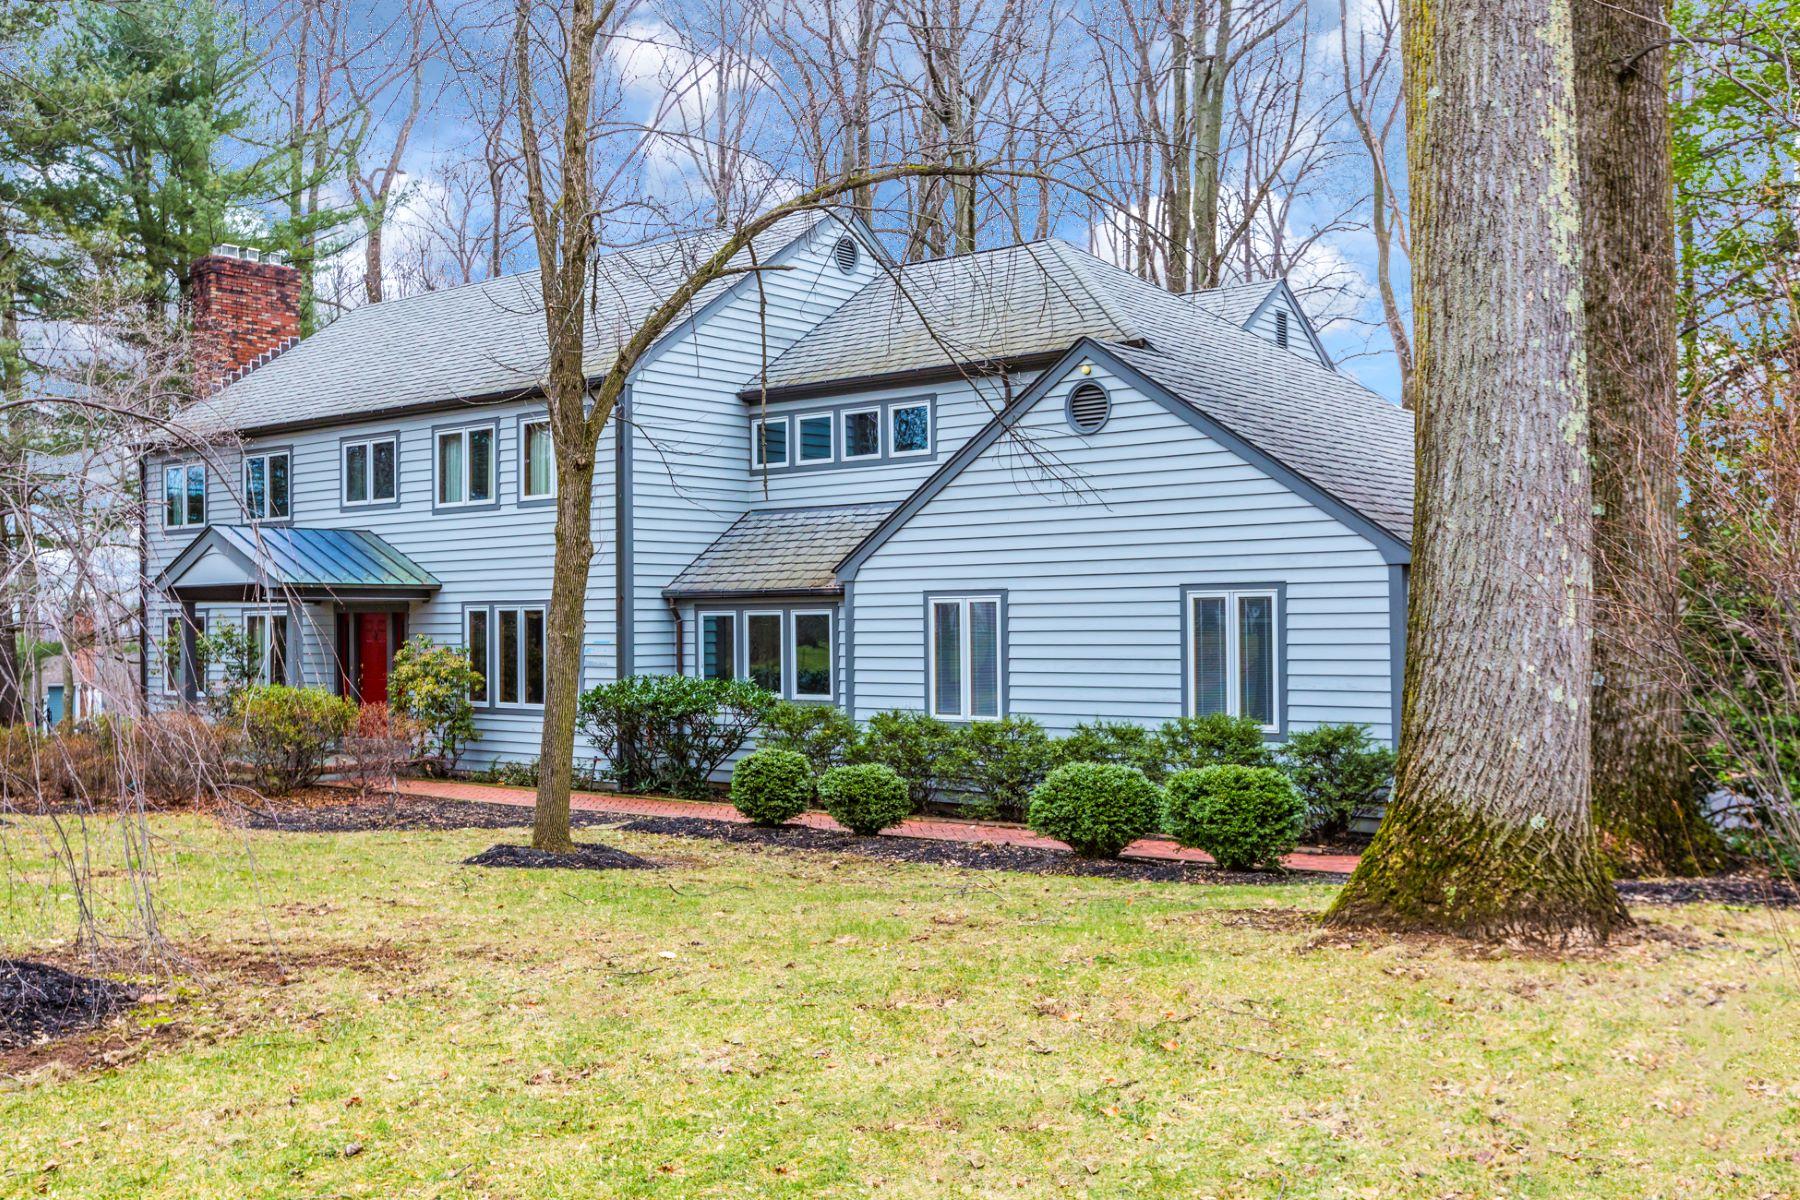 Maison unifamiliale pour l Vente à Princeton Cul-De-Sac Home Impresses and Inspires 89 Dogwood Hill Princeton, New Jersey, 08540 États-Unis